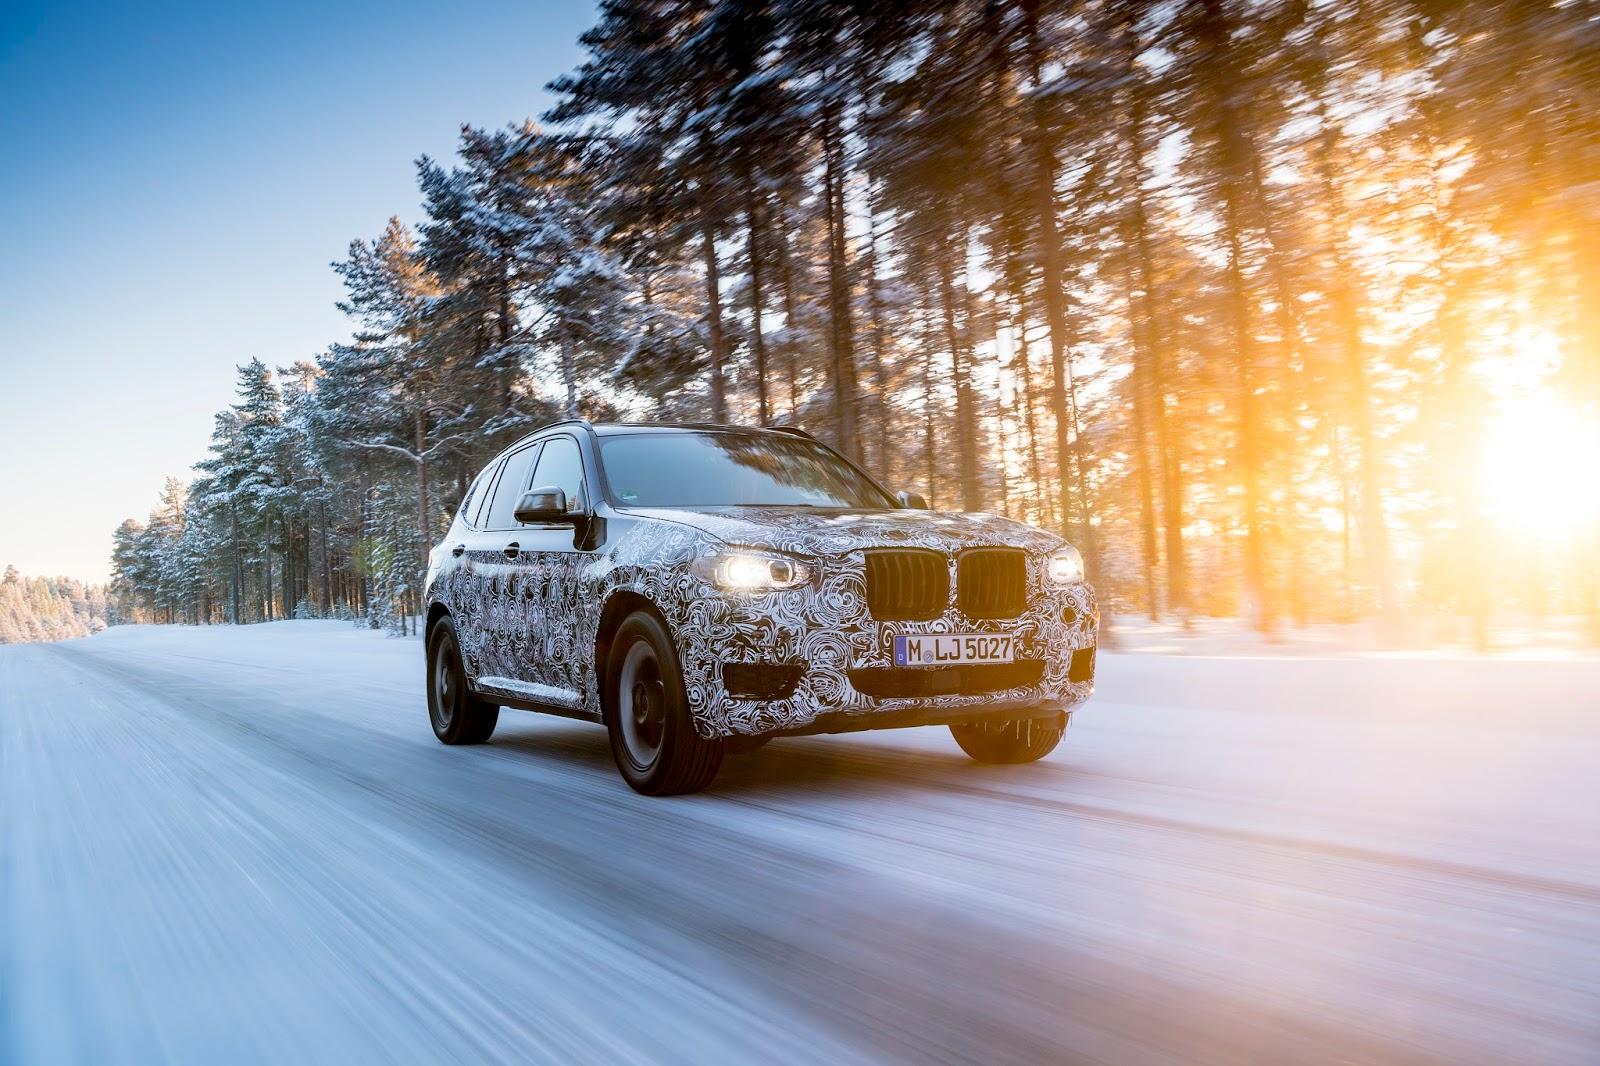 P90249811 highRes the new bmw x3 under Δοκιμές στην παγωμένη Βόρεια Σουηδία, για την επερχόμενη BMW X3 BMW, BMW X, BMW X3, SUV, videos